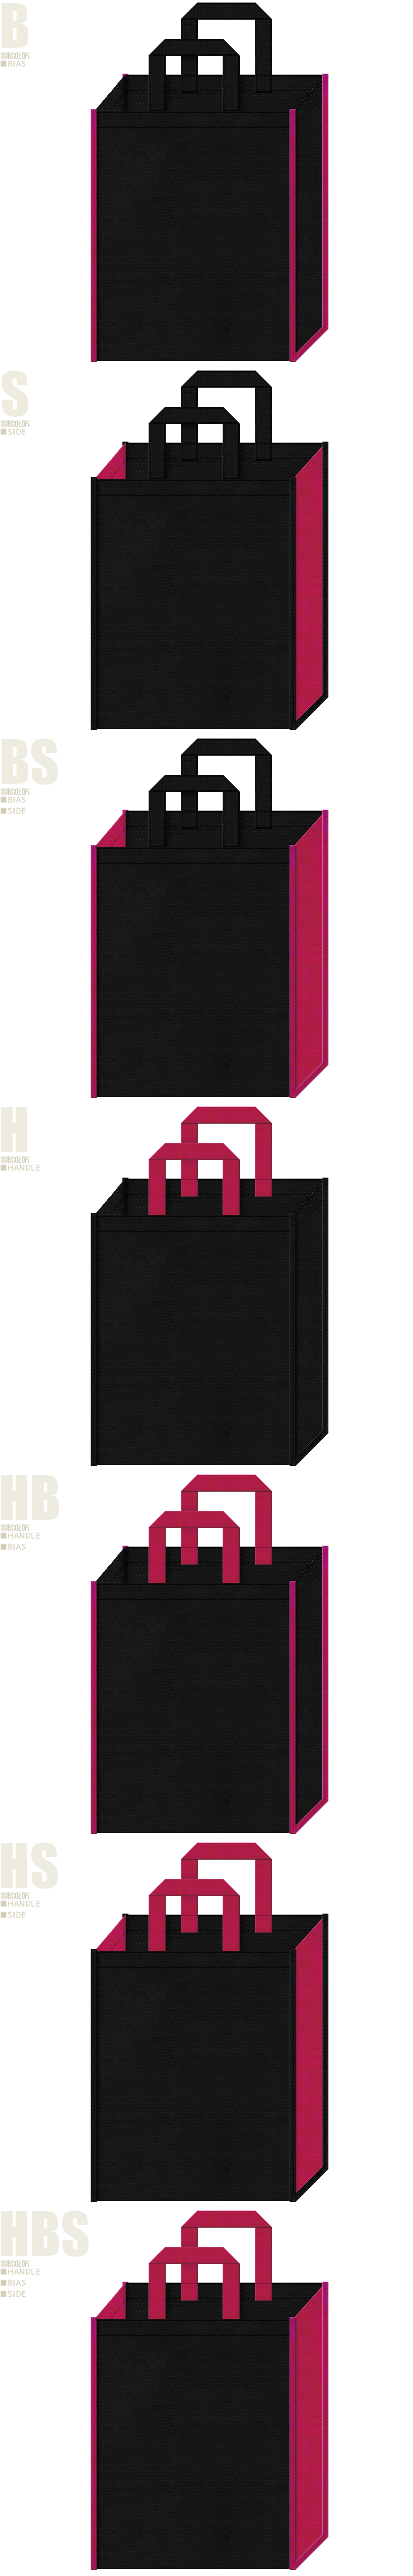 コスメ・香水・ネイル・魔法使い・占い・ウィッグ・コスプレイベント・ハイヒール・ブーツ・ユニフォーム・運動靴・アウトドア・スポーツイベント・スポーティーファッション・スポーツ用品の展示会用バッグにお奨めの不織布バッグデザイン:黒色と濃いピンク色の配色7パターン